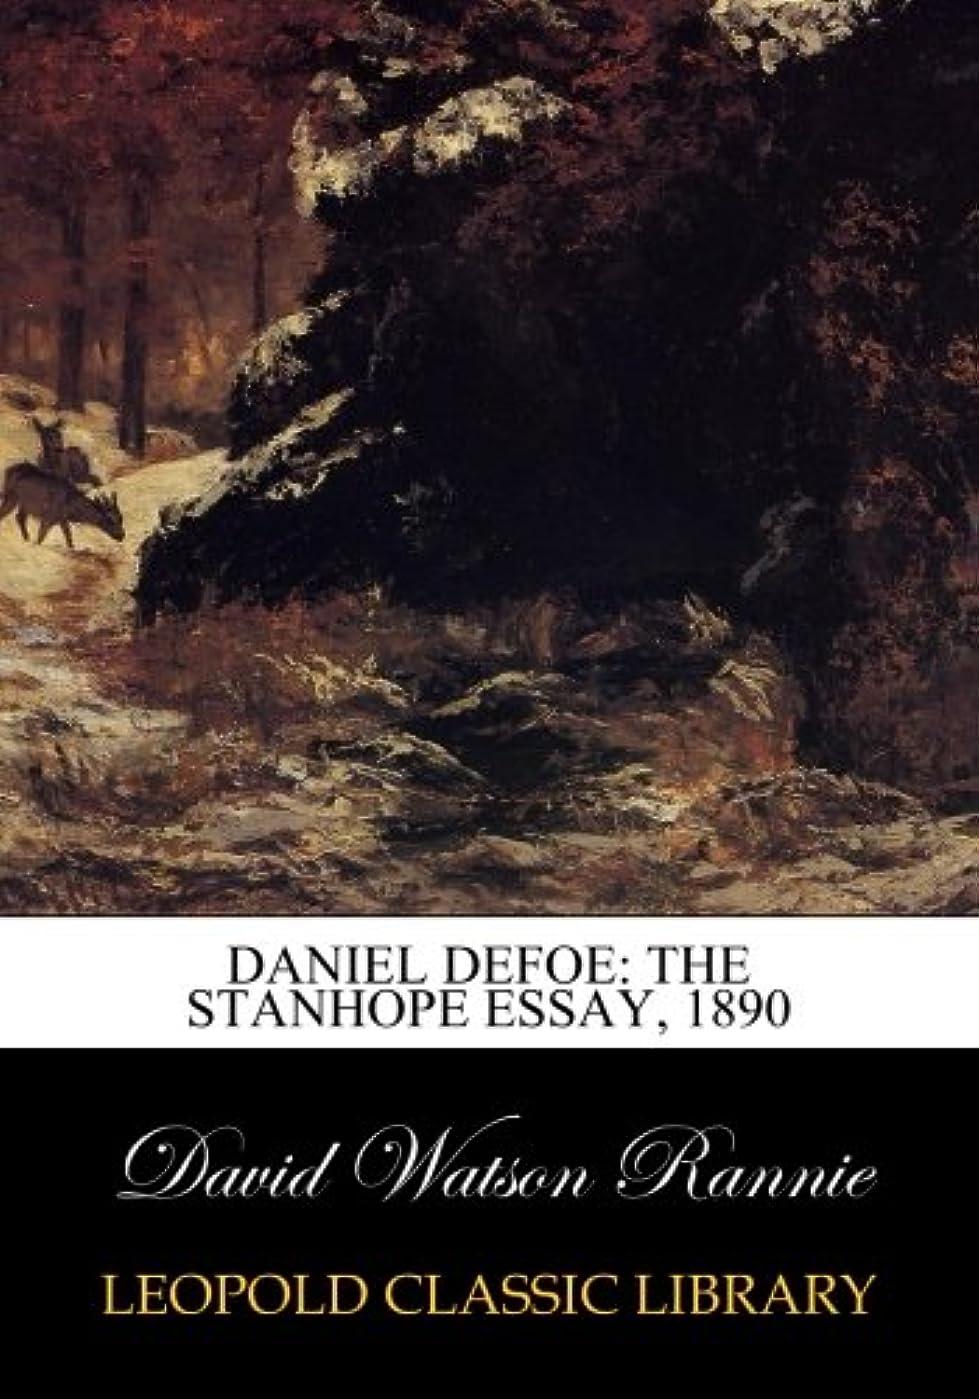 ラフ睡眠外観胚Daniel Defoe: The Stanhope Essay, 1890